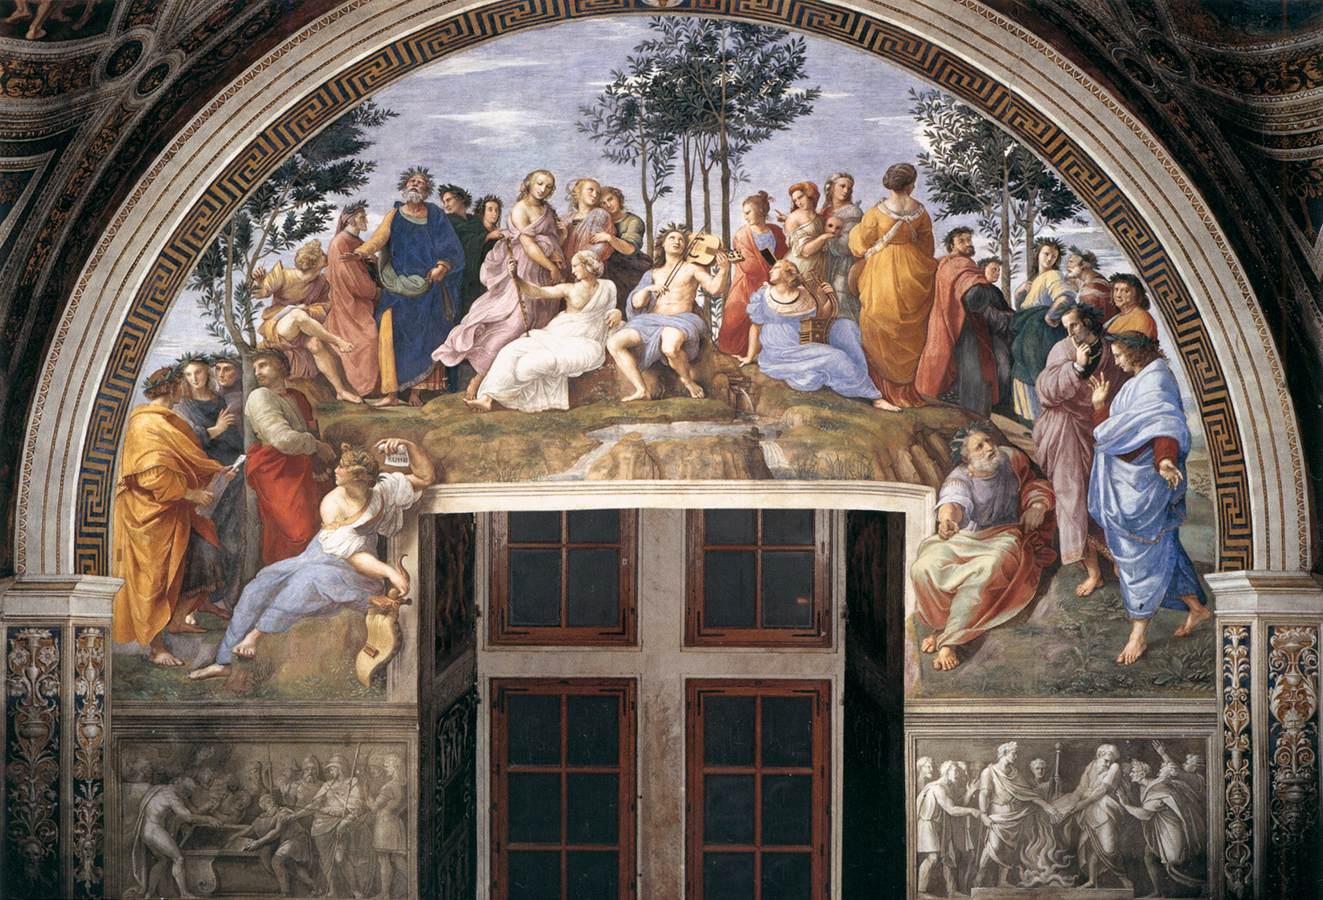 Les auteurs de tous siècles semblent communiquer sans problème dans cette fameuse fresque de Raphaël, Le Parnasse, Chambre de la Signature, Vatican, 1509-1510 (source : wga)